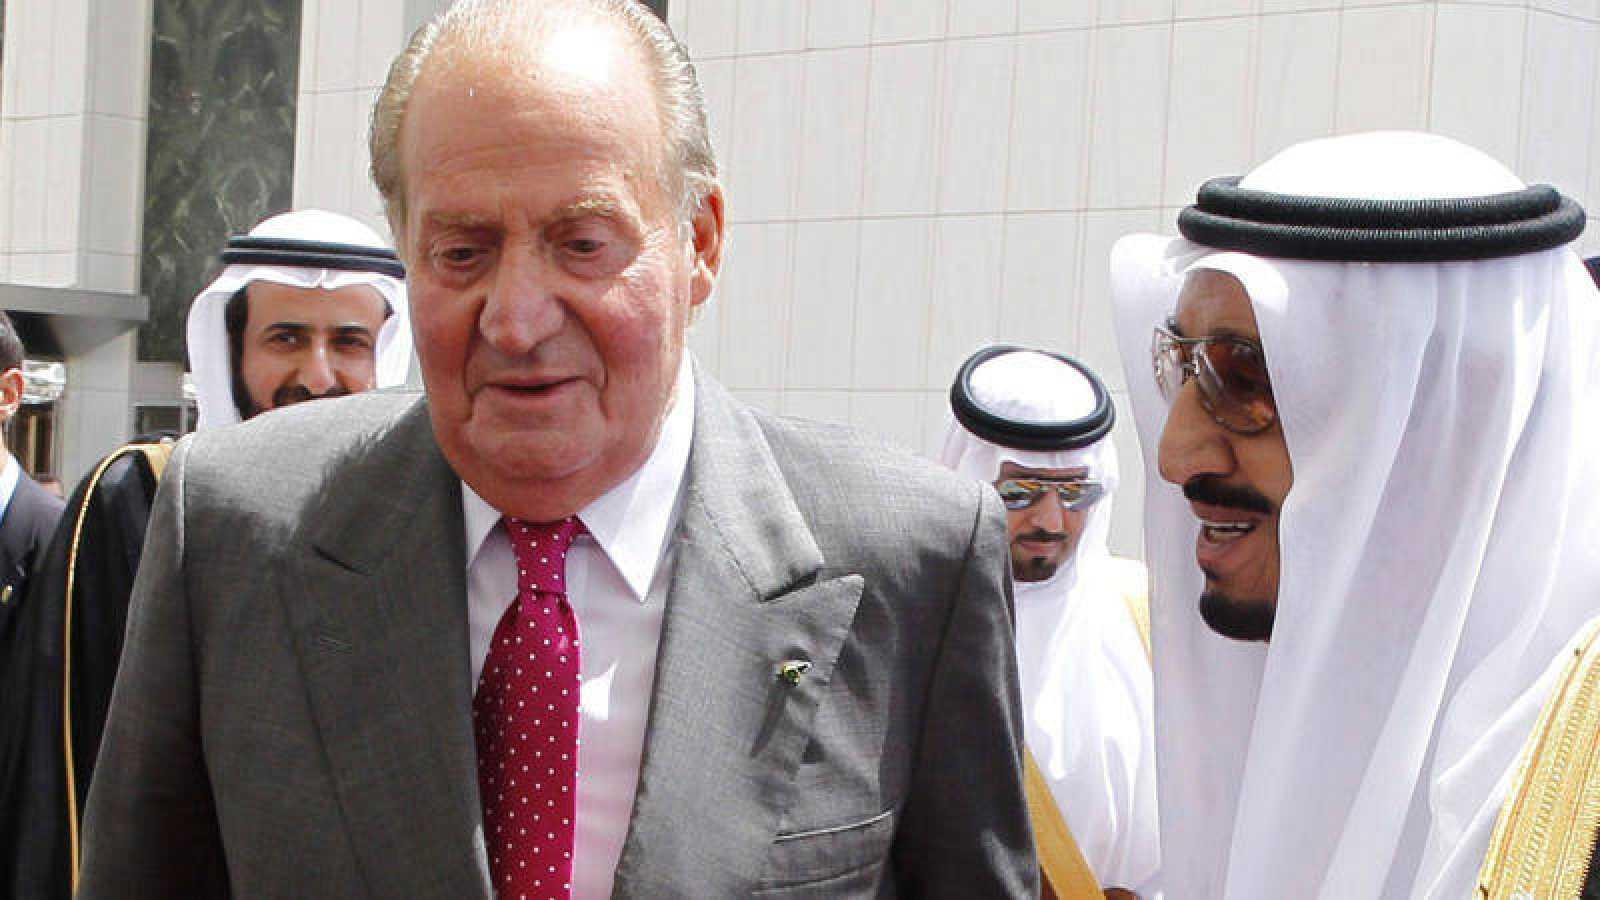 El rey Juan Carlos, junto al príncipe heredero de Arabia Saudí, Salman bin Abdul-Aziz Al Saud, en una imagen de 2014.